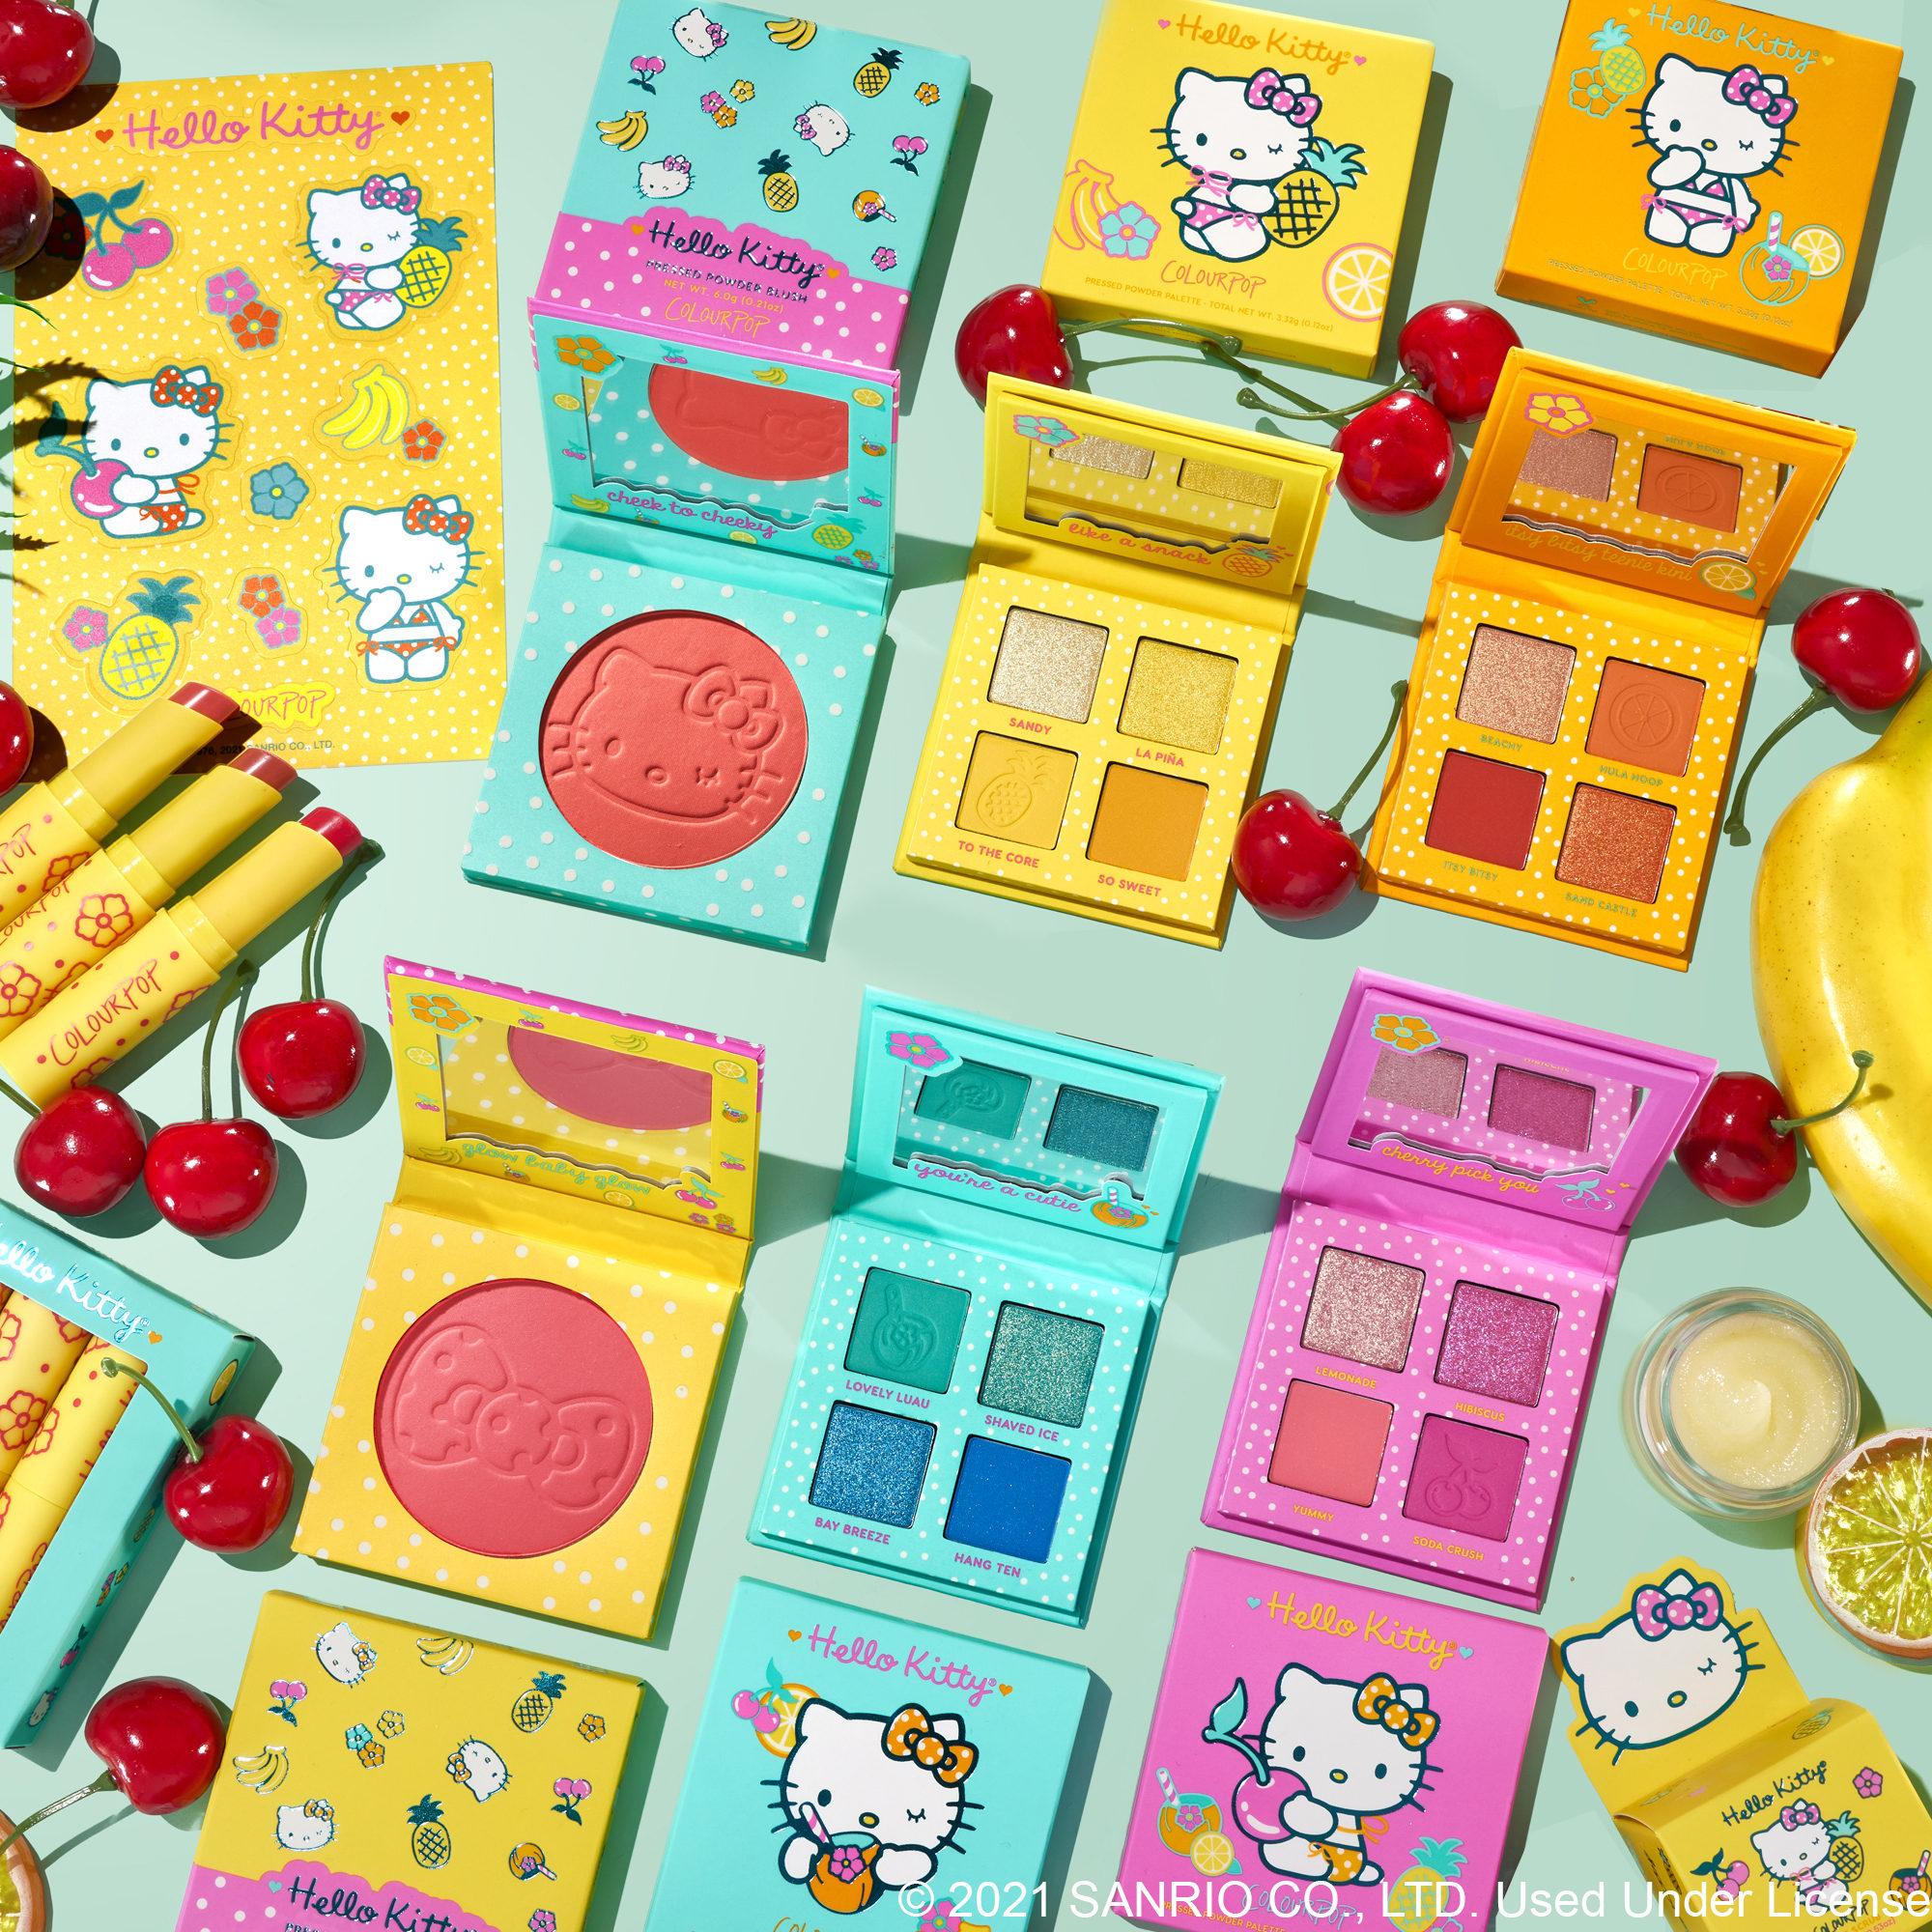 ColourPop x Hello Kitty Tropical Escape Summer Collection